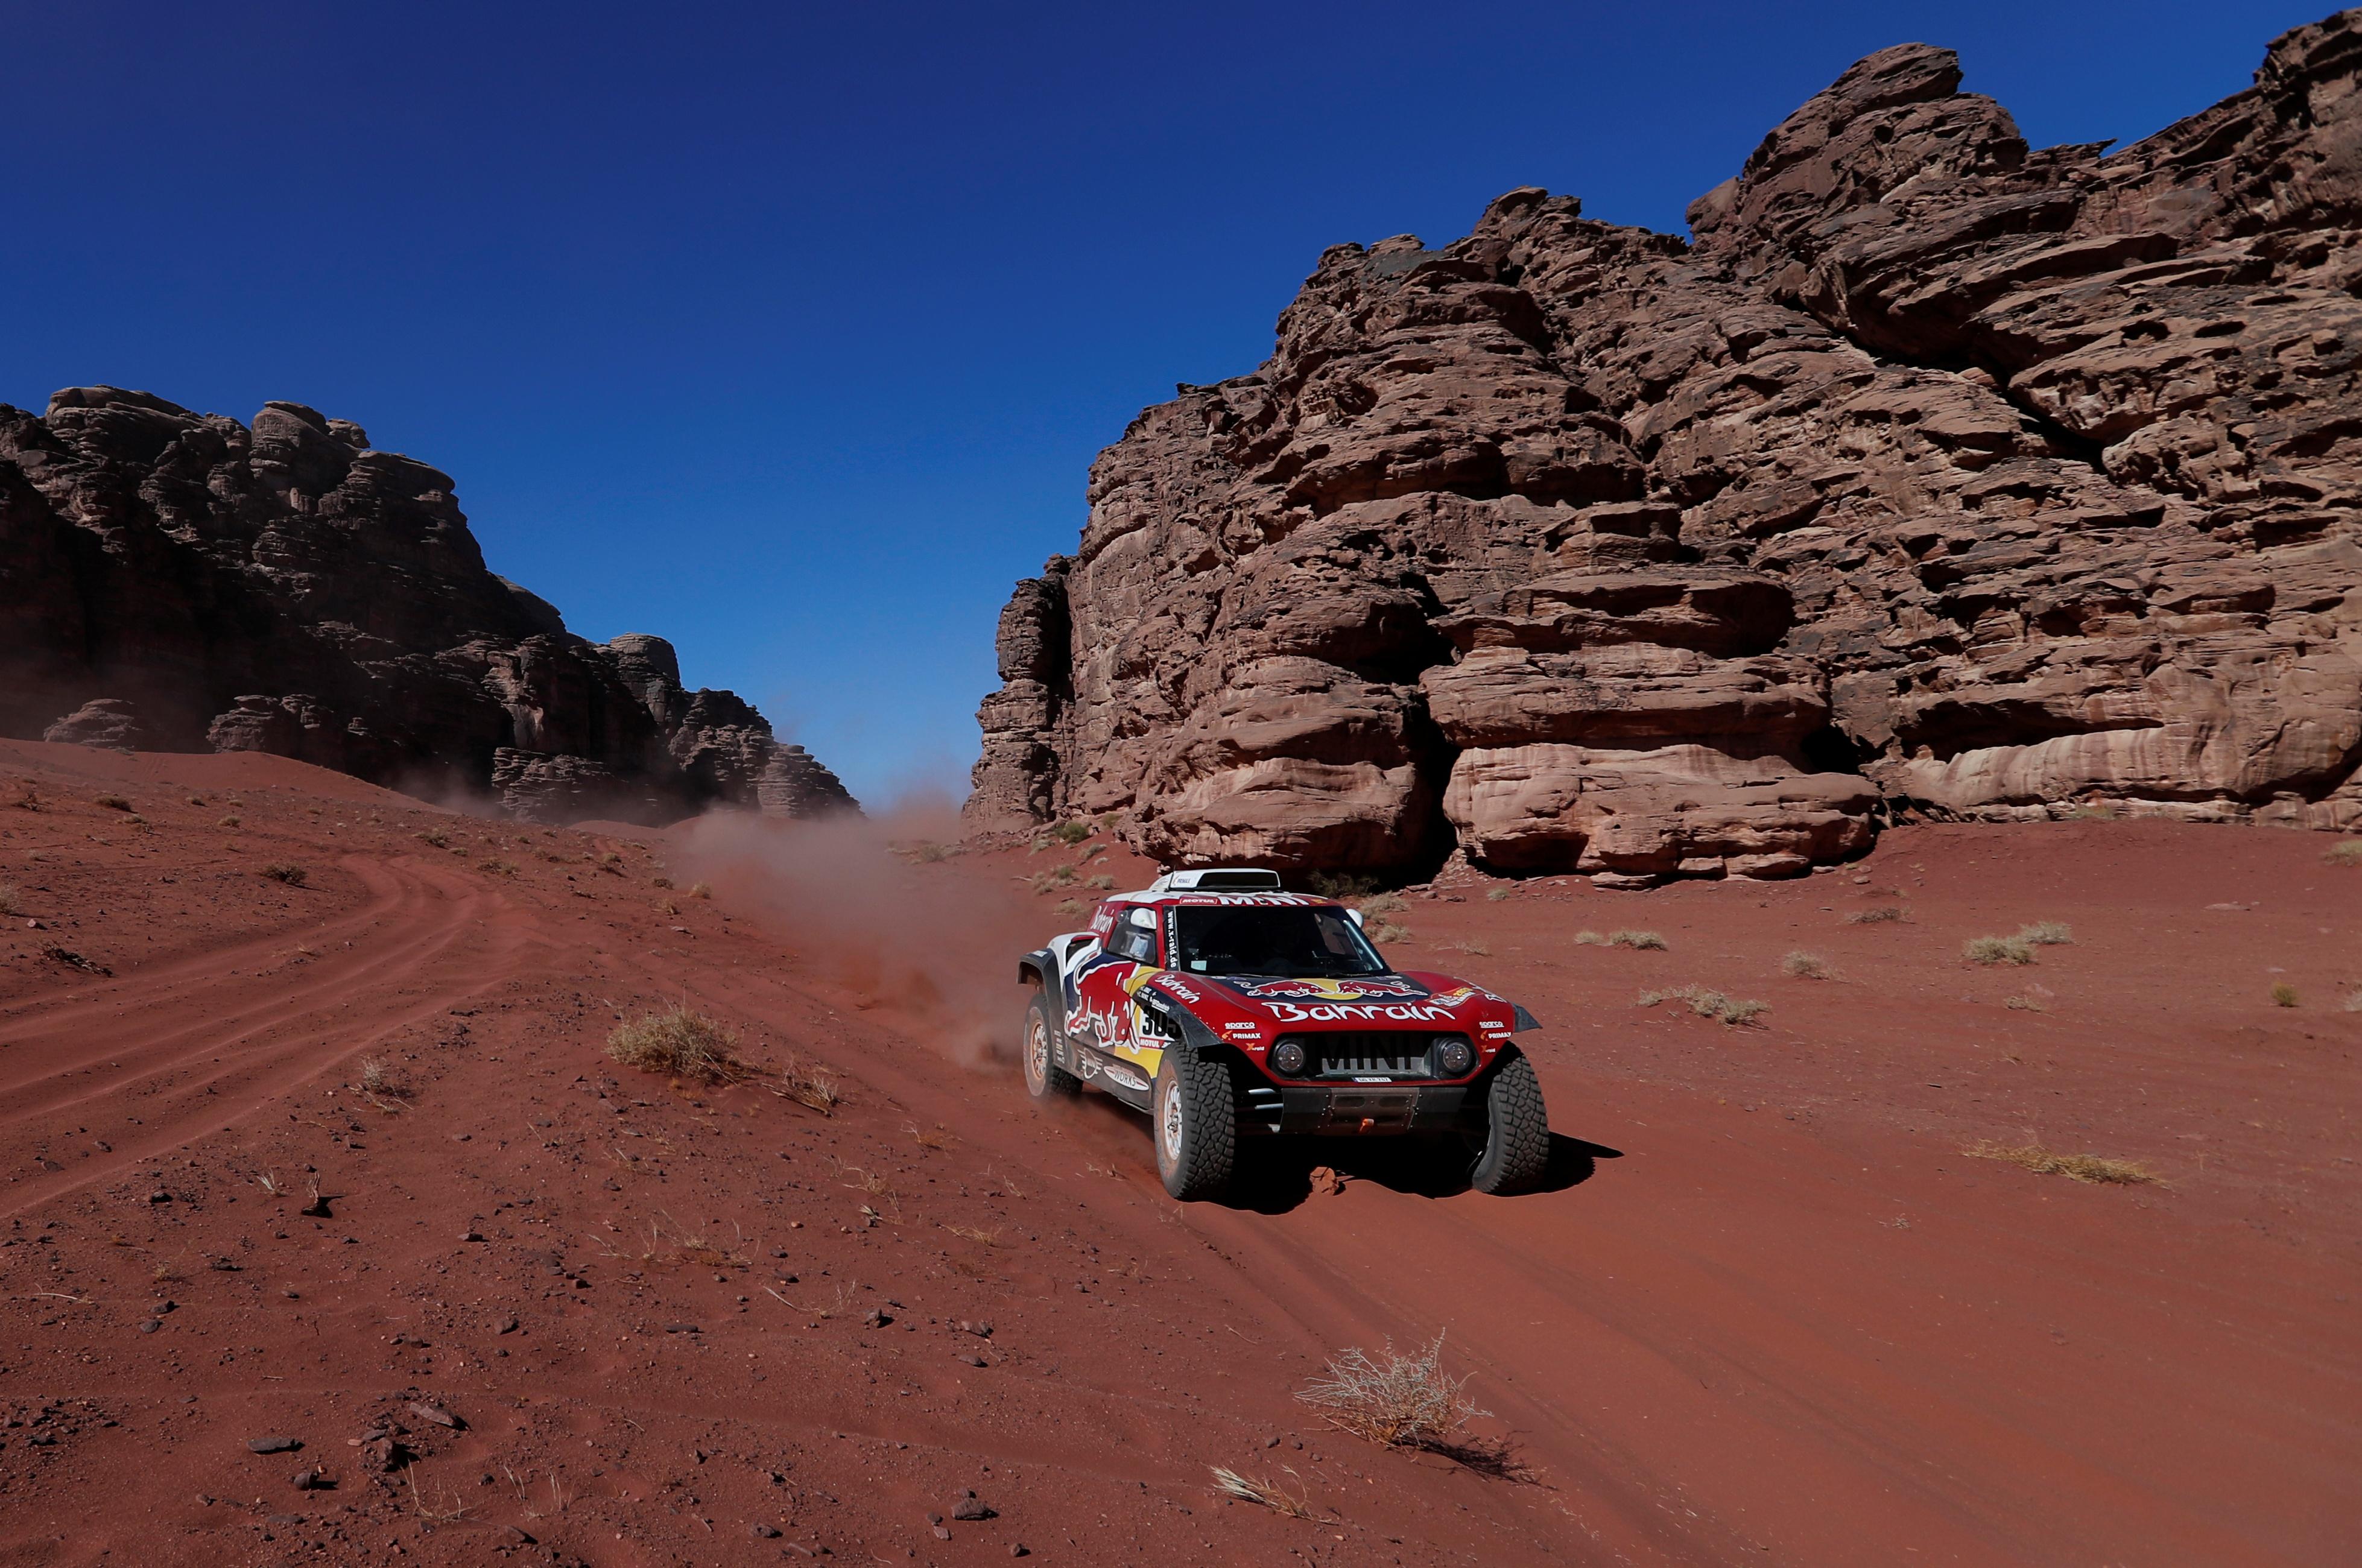 El español Carlos Sainz (Mini) ganó este martes la tercera etapa del Dakar-2020, de 489 km, de los cuales 404 cronometrados, en los alrededores de Neom, en Arabia Saudita, y se hizo con el liderato en la general de autos